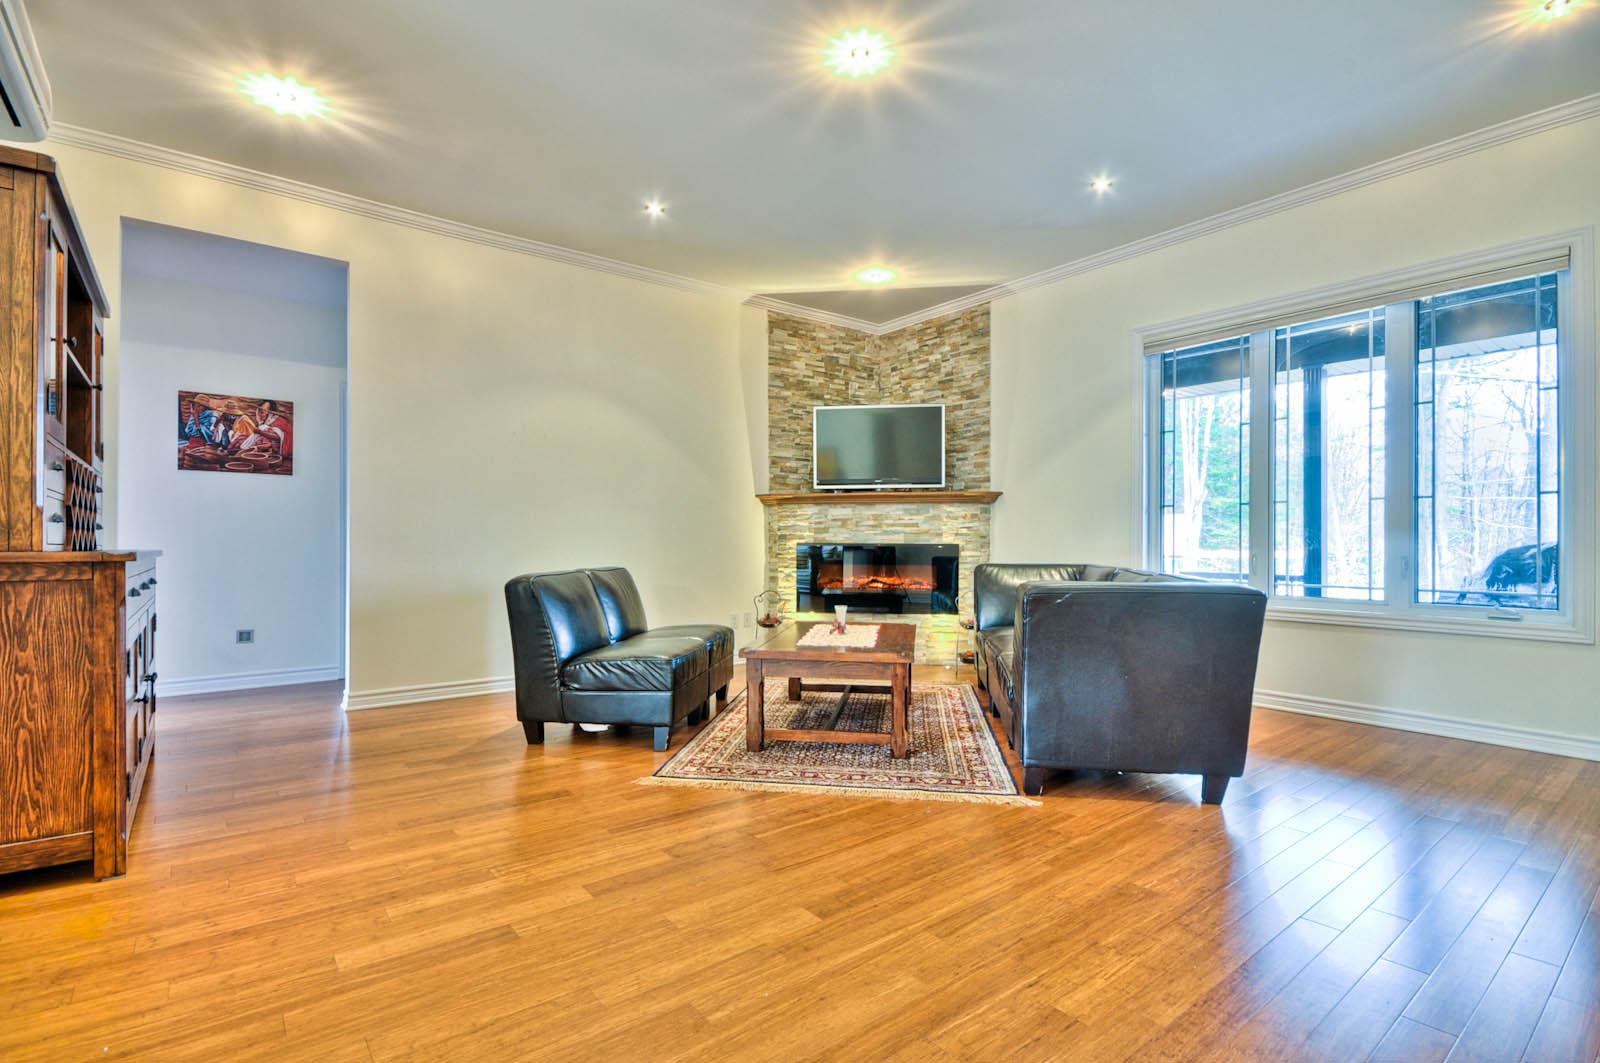 大宅采用了高品质的材料进行修建,彰显了很高的品位